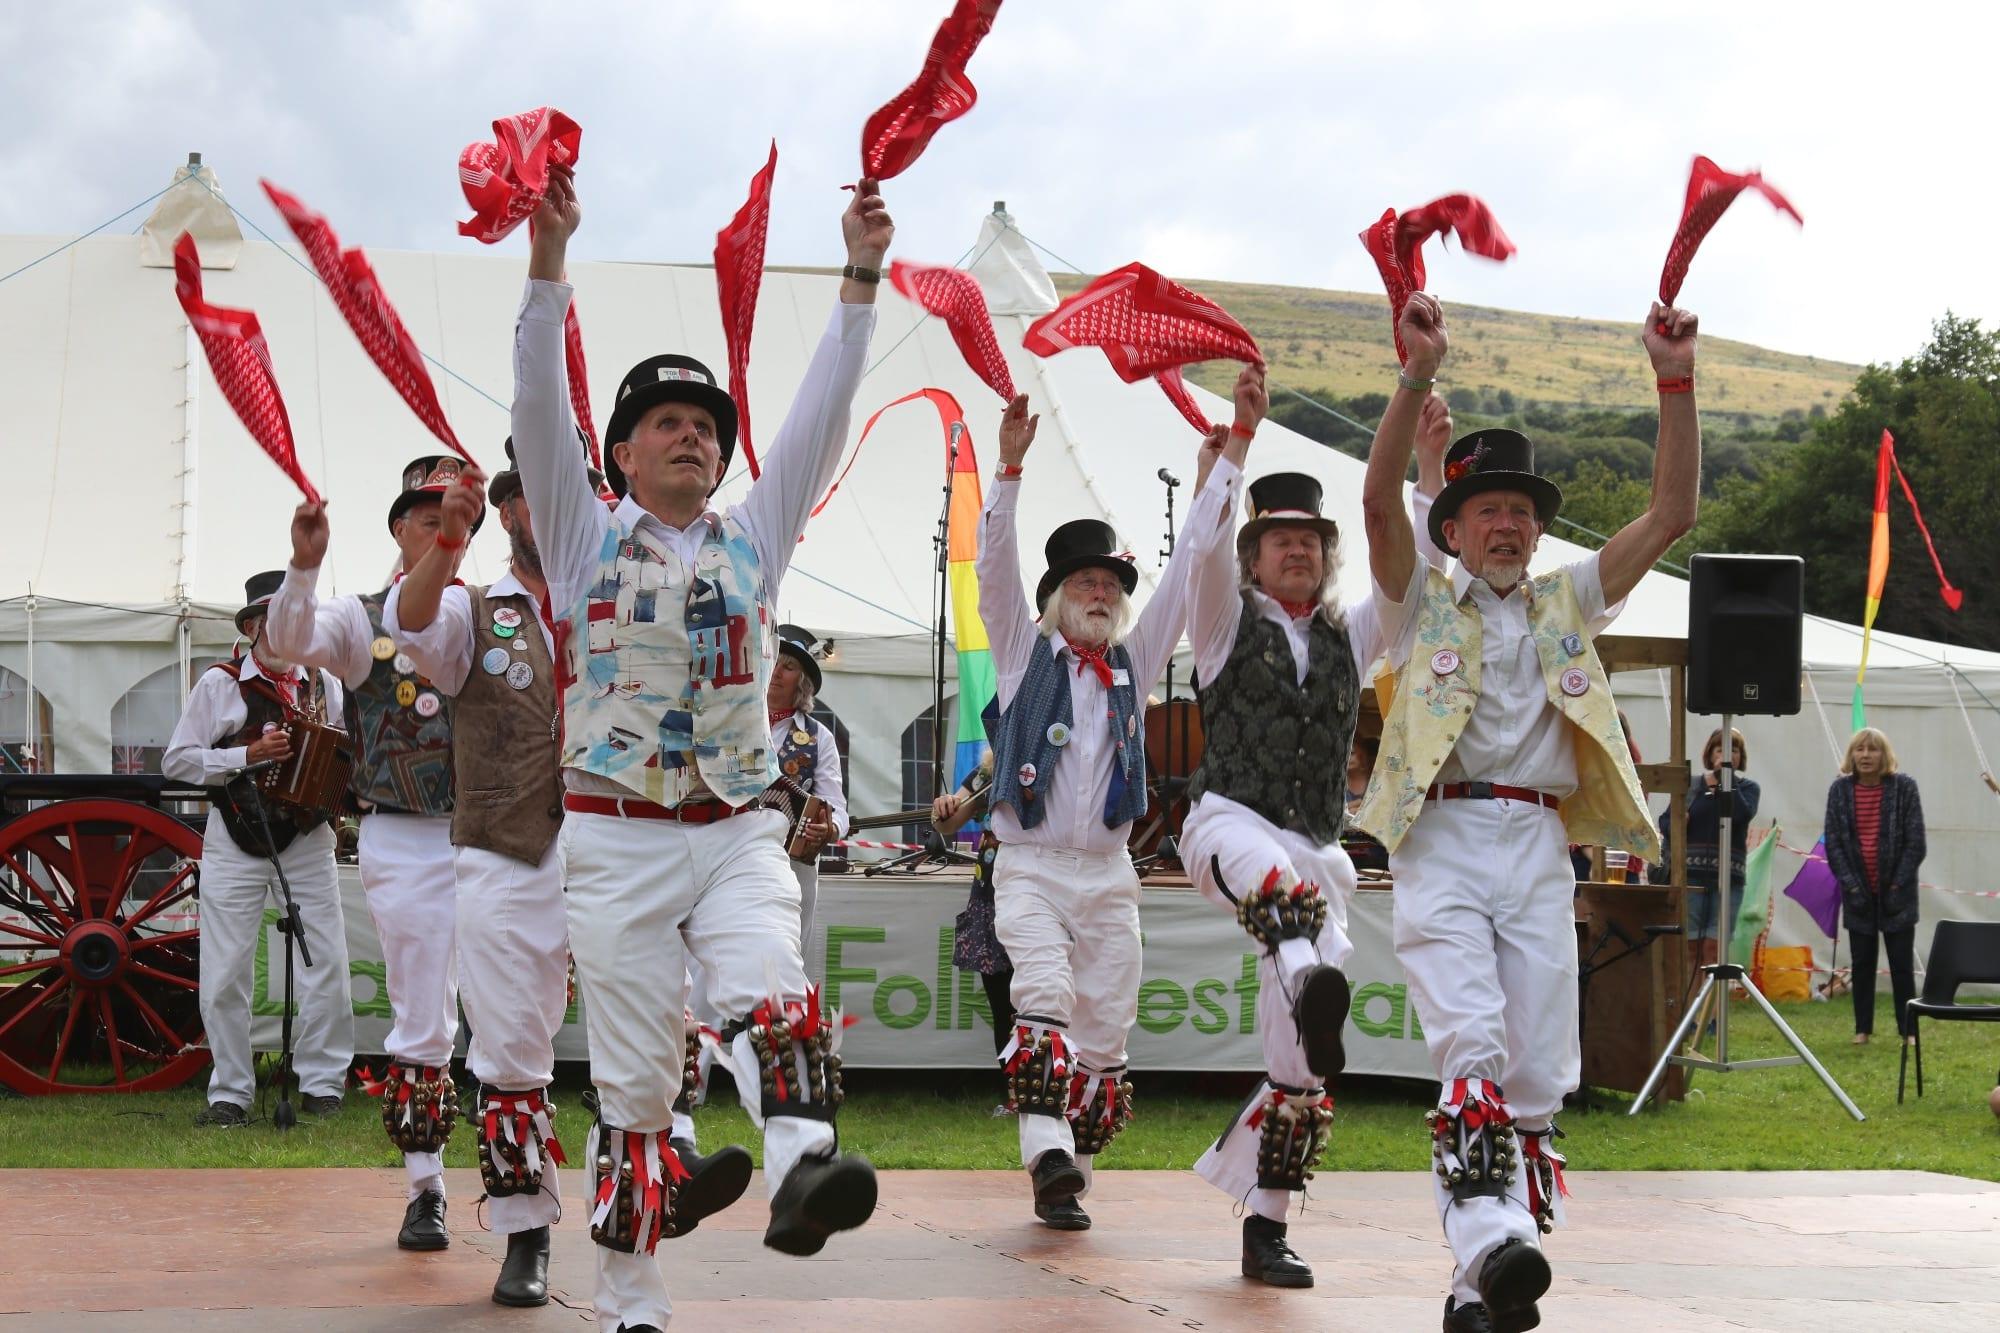 Dartmoor Folk Festival